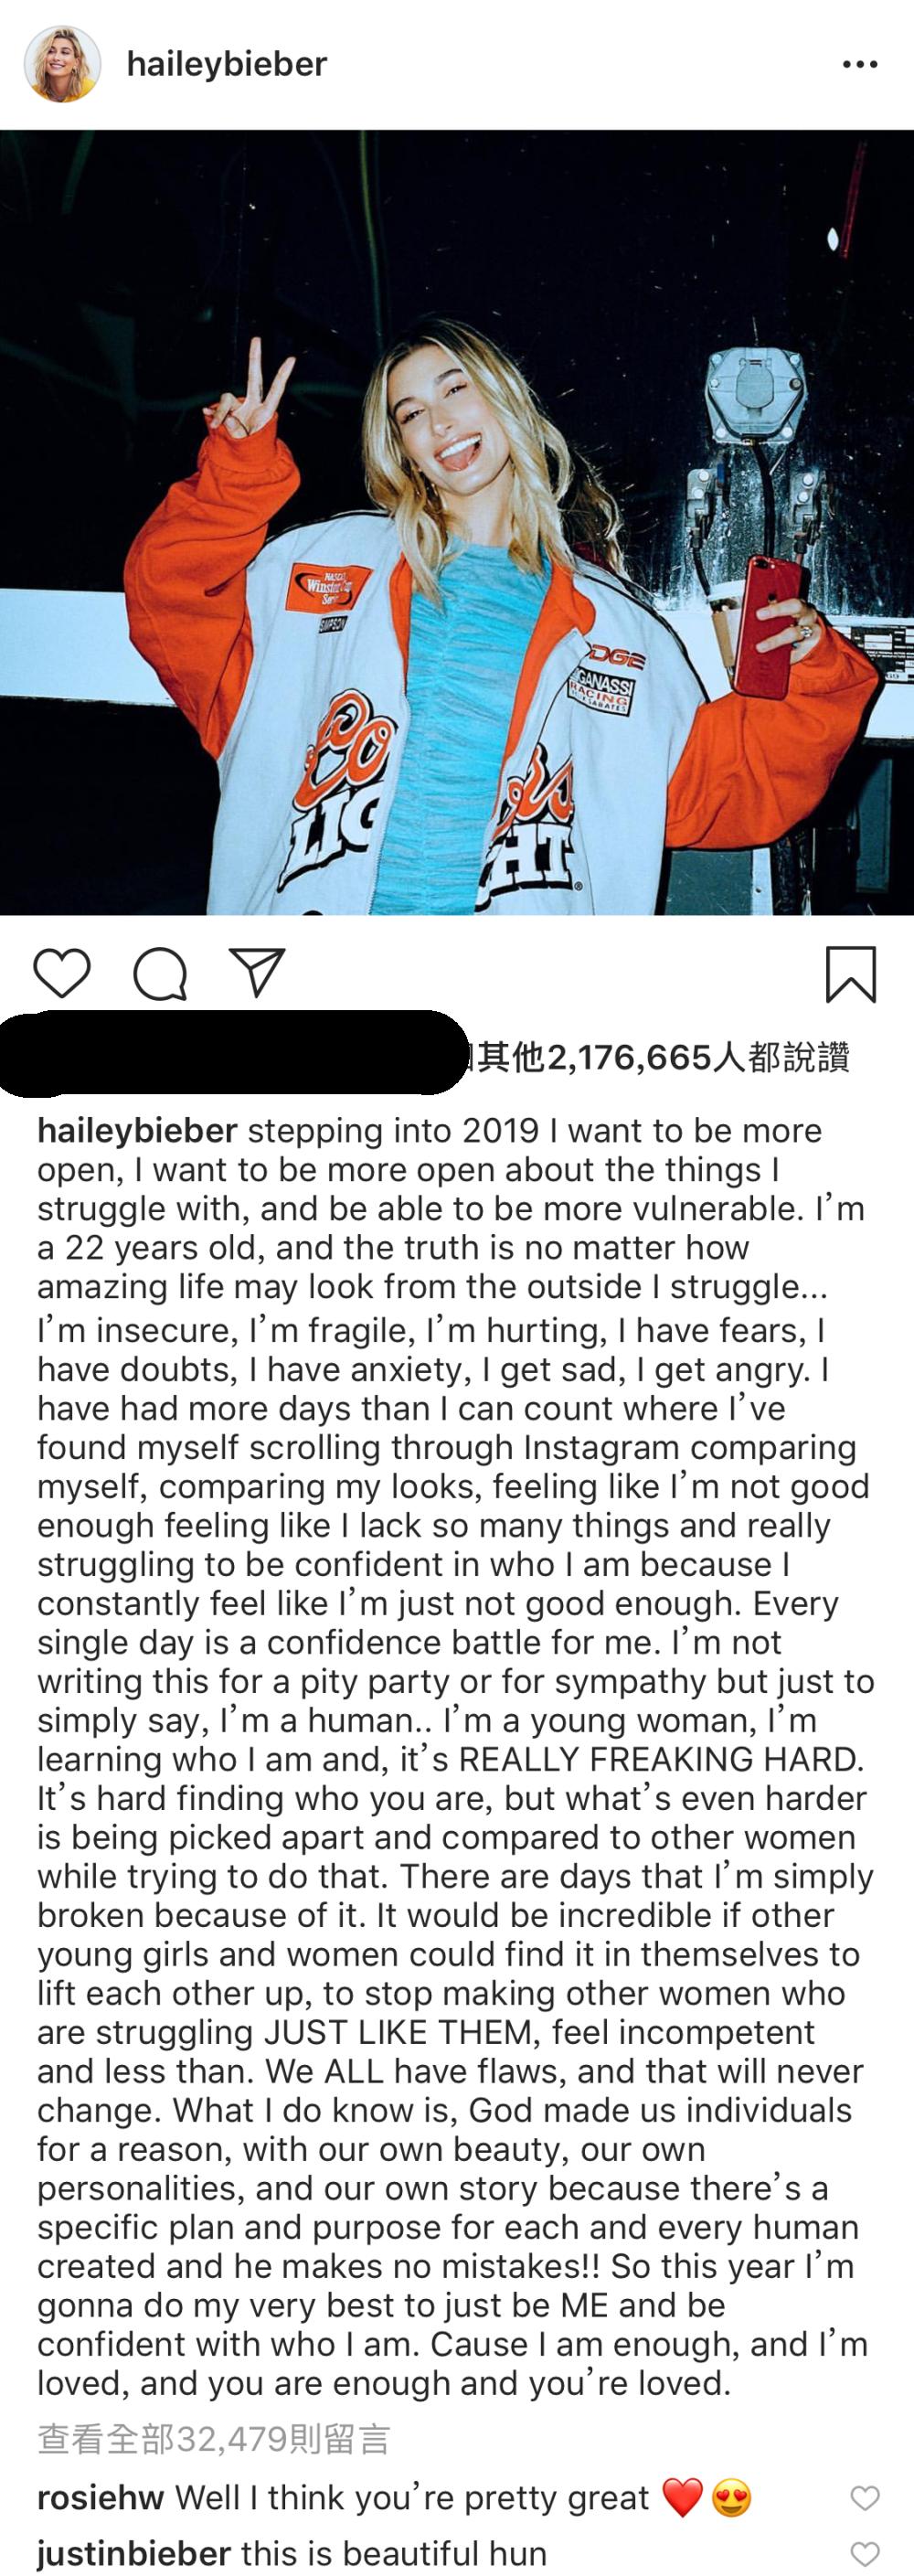 海莉鮑德溫,小賈斯汀,小賈,老婆,Hailey Bieber,Justin Bieber